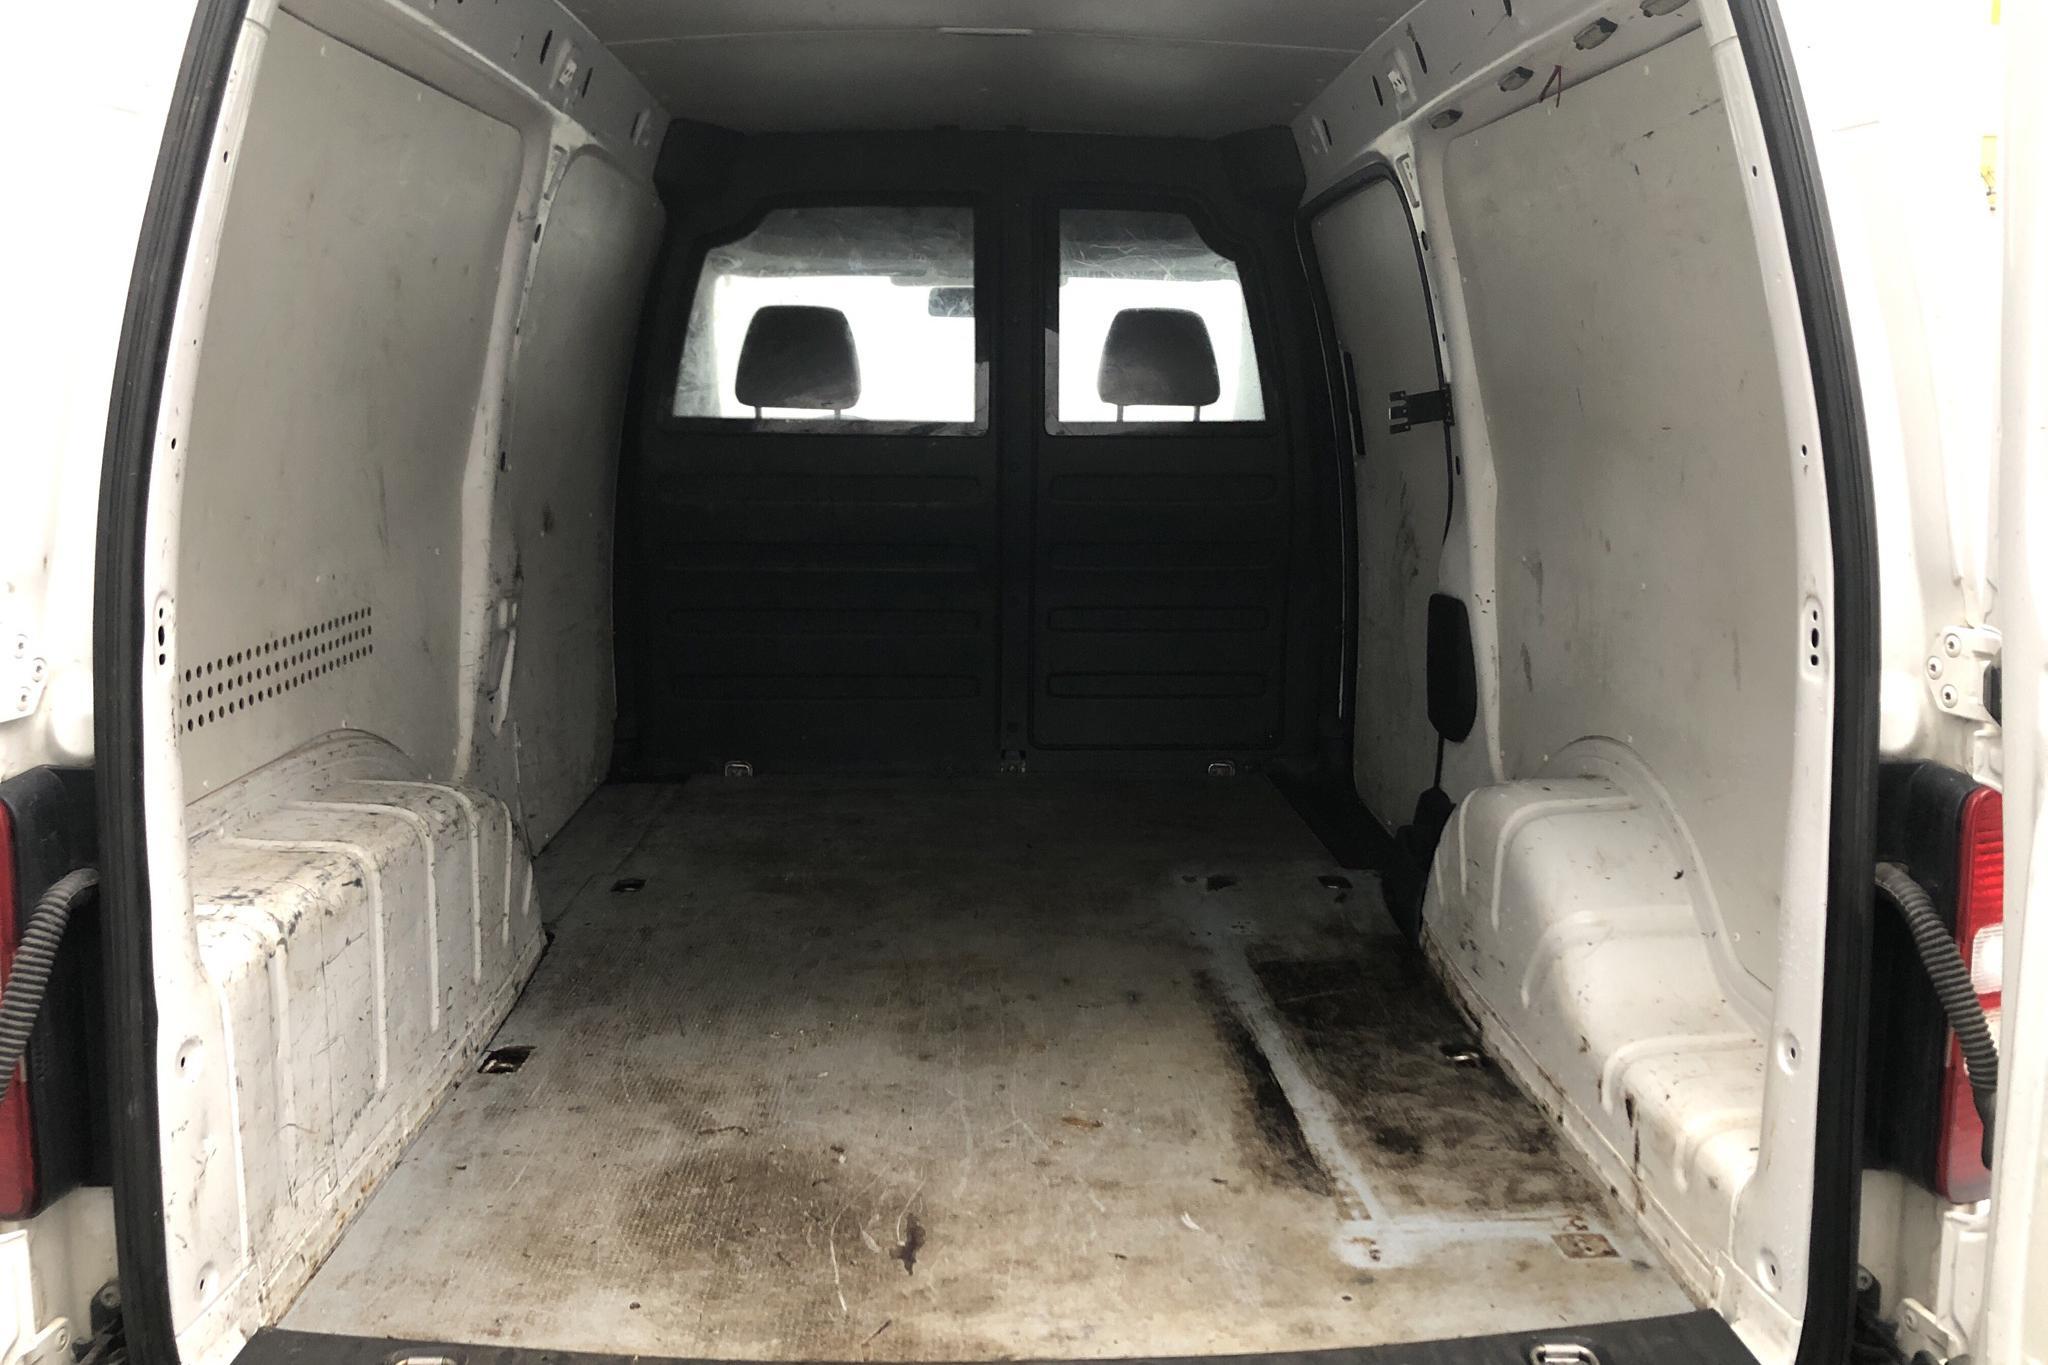 VW Caddy 1.6 TDI Maxi Skåp (102hk) - 19 114 mil - Manuell - vit - 2013